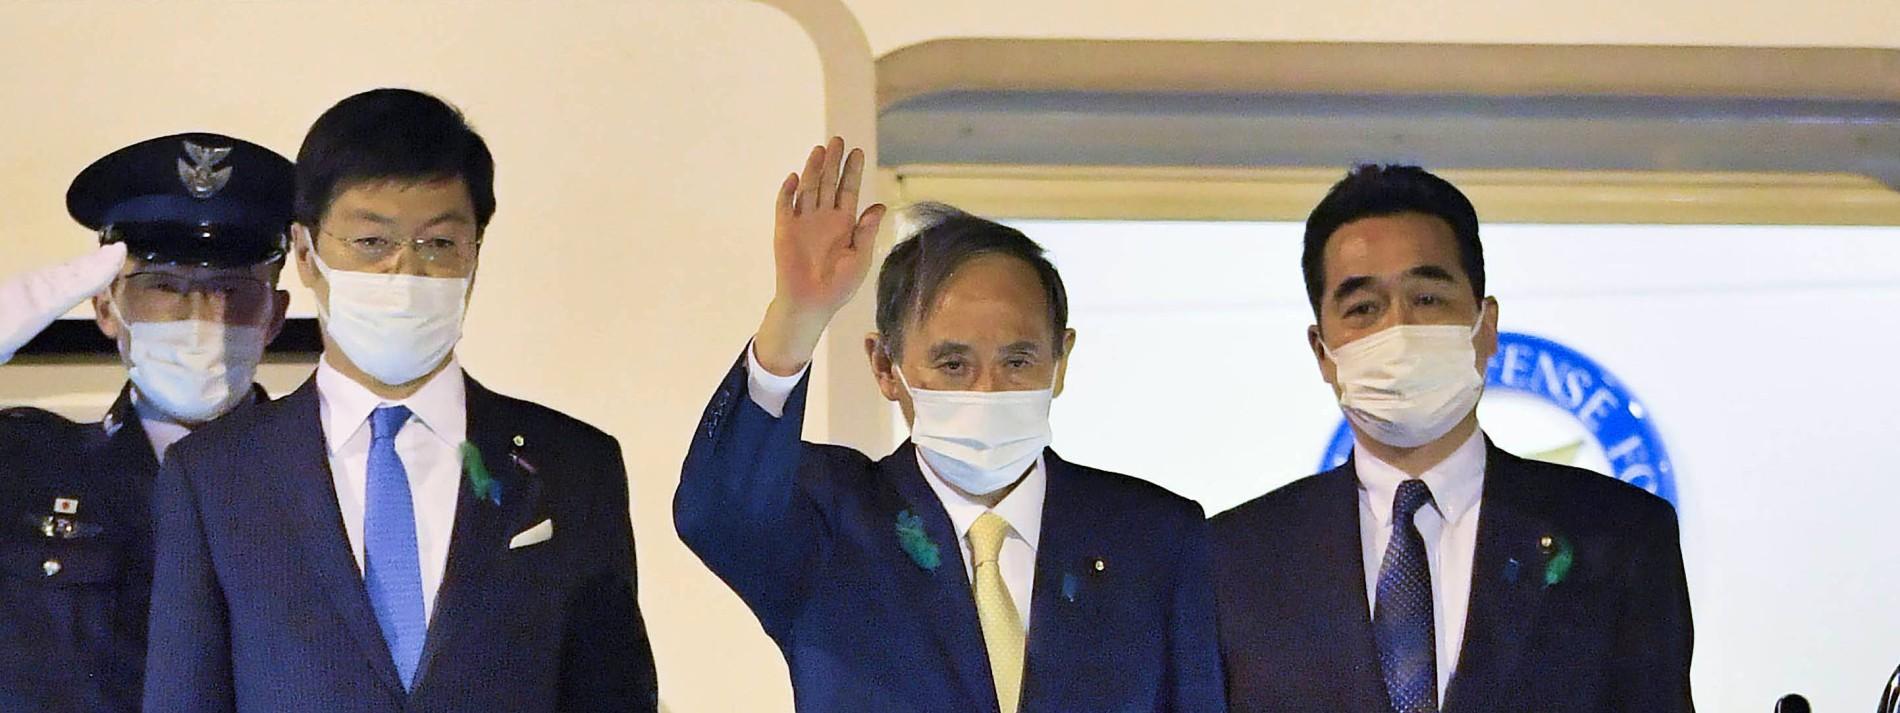 Werden sie das Taiwan-Problem benennen?